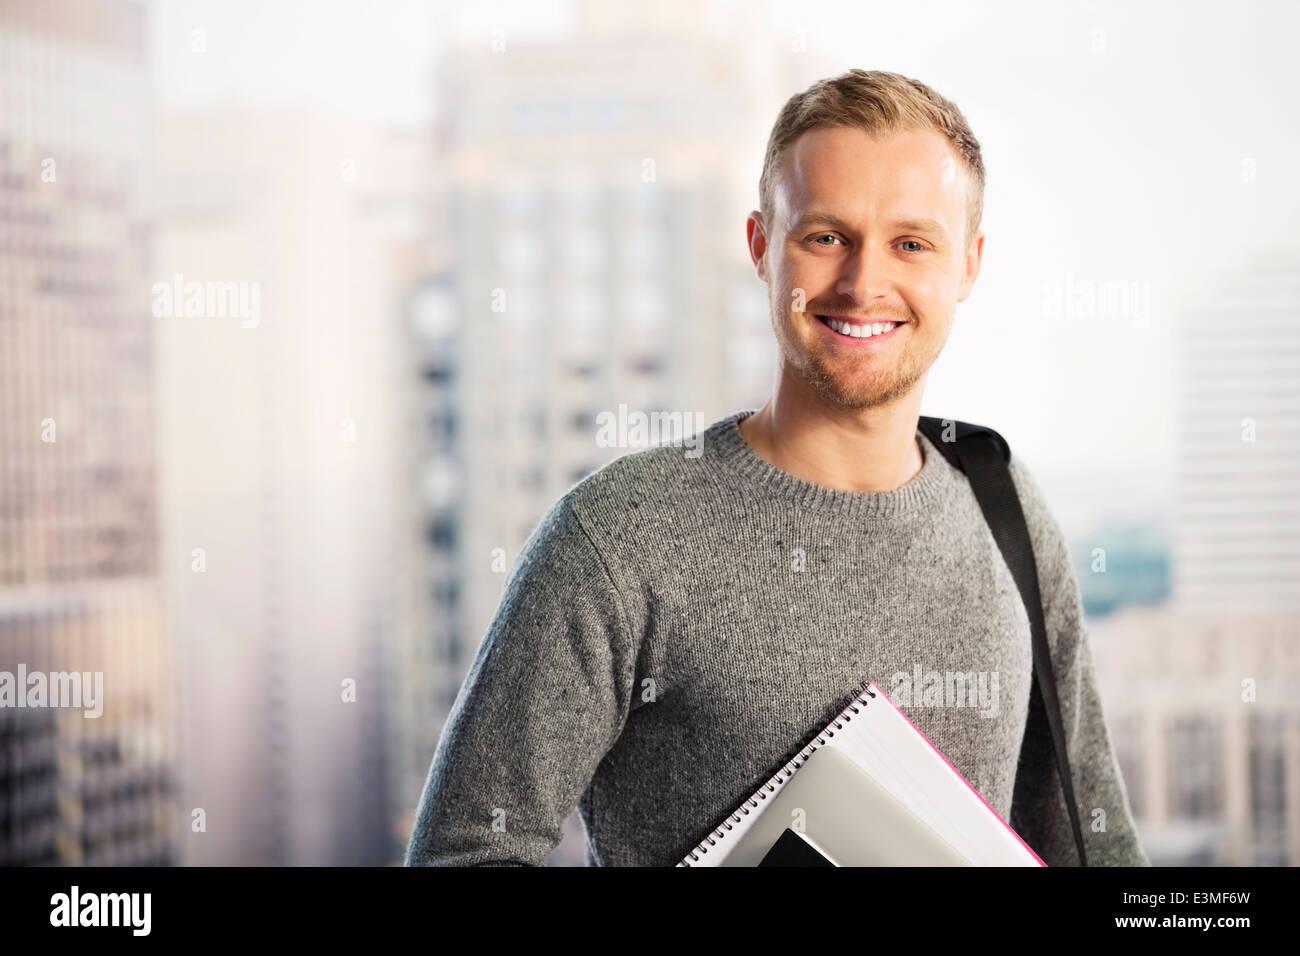 Porträt von lächelnden Geschäftsmann in städtischen Fenster Stockbild